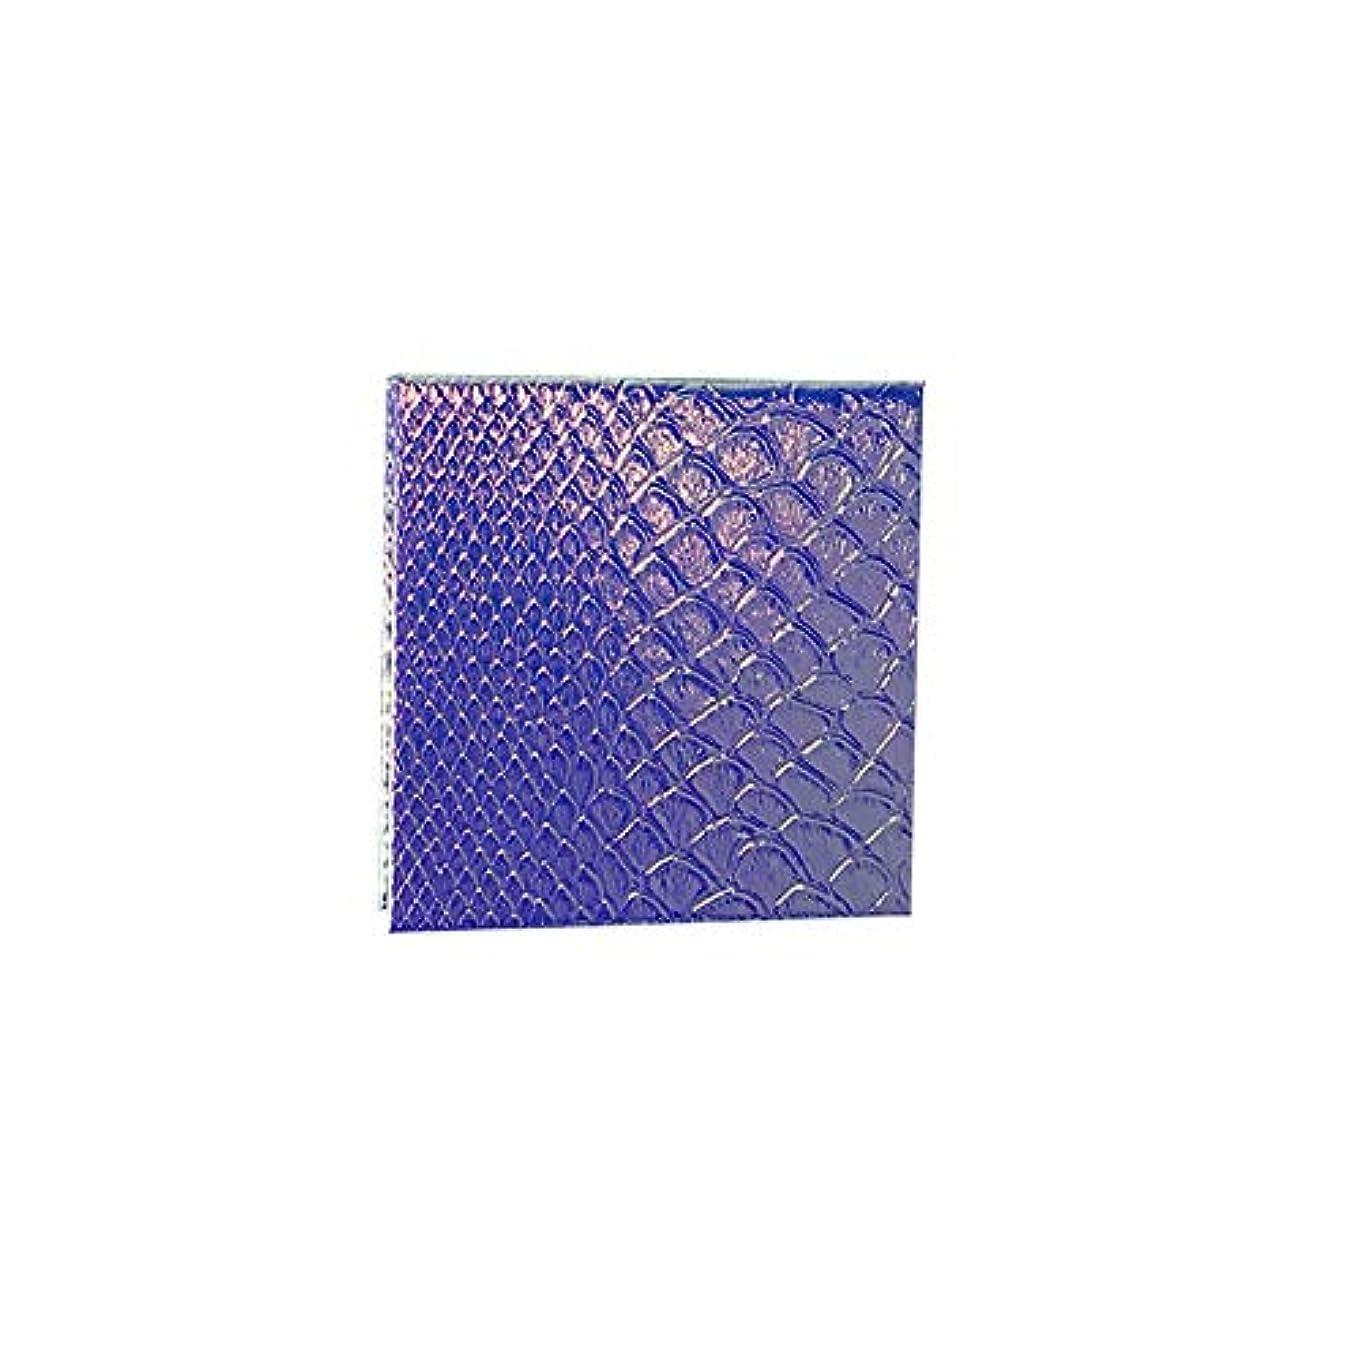 素晴らしい良い多くの横たわる座る空の化粧アイシャドーパレット磁気空パレット接着剤空のパレット金属ステッカー空のパレットキット(S)